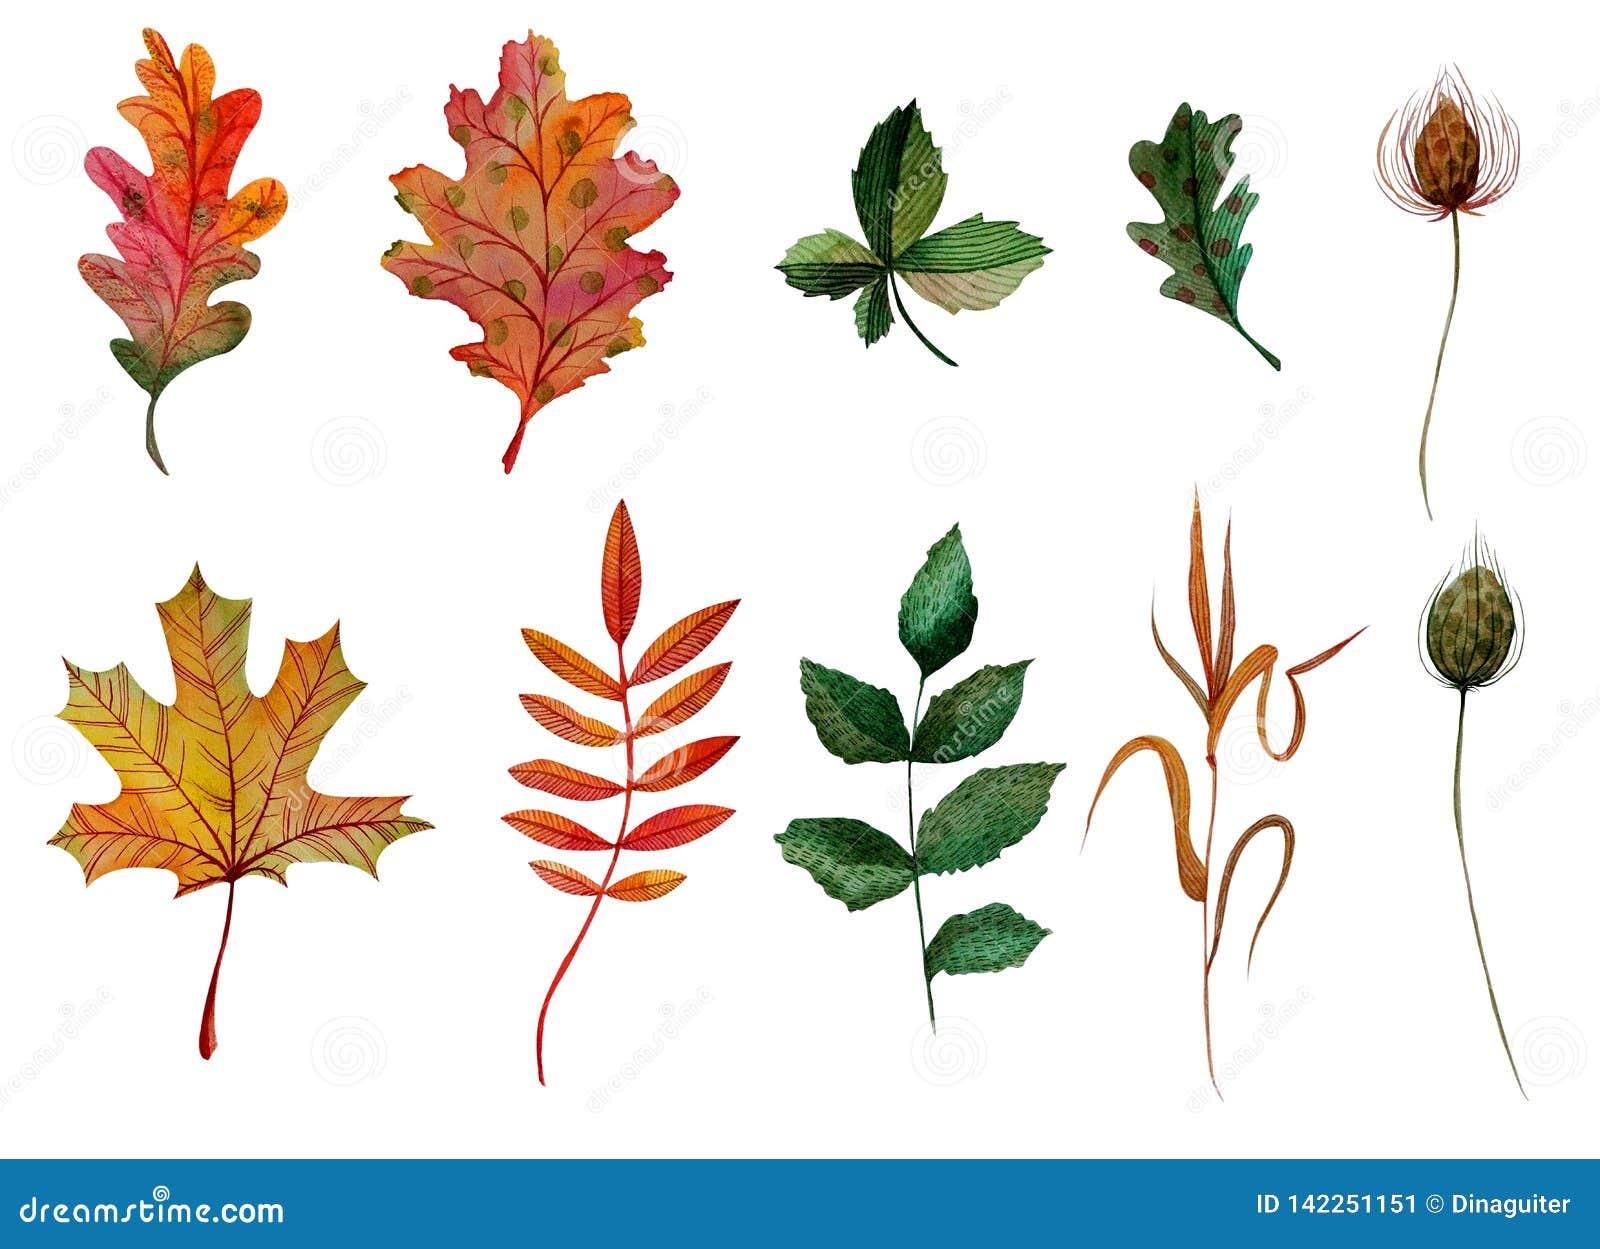 Lame ashberry de châtaigne de cynorrhodon d érable de chêne de feuilles d automne d ensemble d éléments d aquarelle de bureau d h